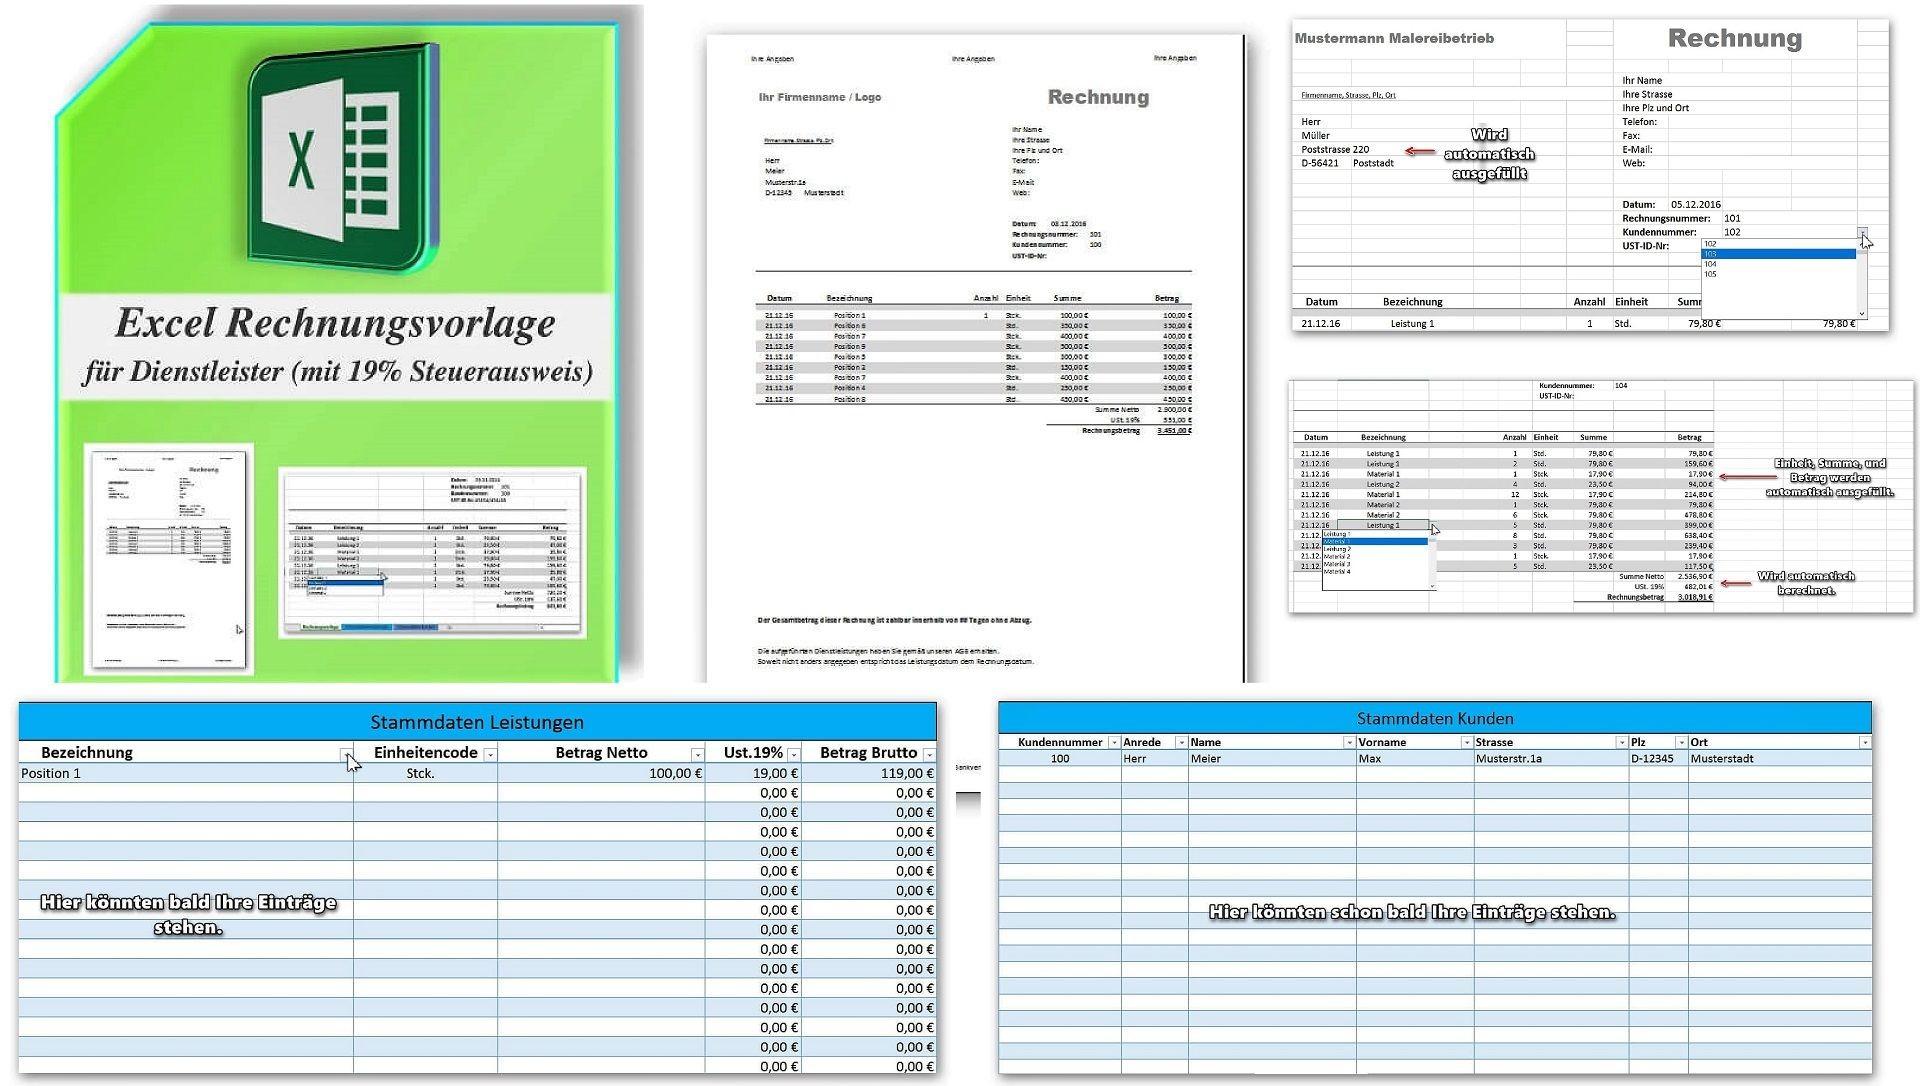 Excel Rechnungsvorlage für Dienstleister mit Ust Ausweis optional mit Rechnungsnachverfolgung